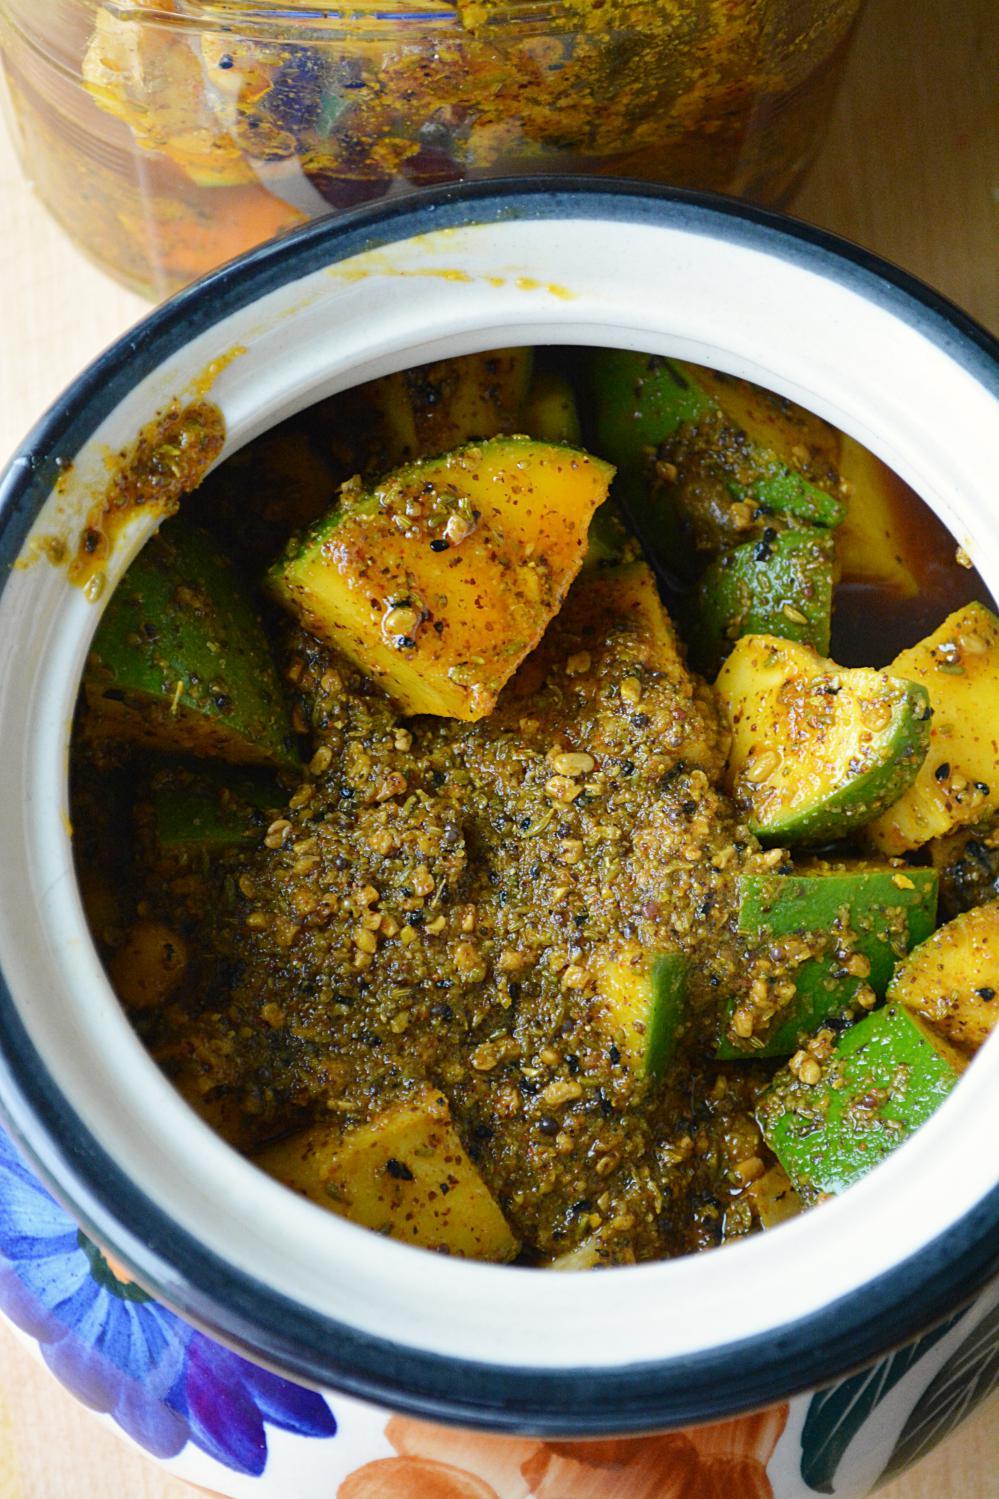 Aam ka achar - Mango Pickle